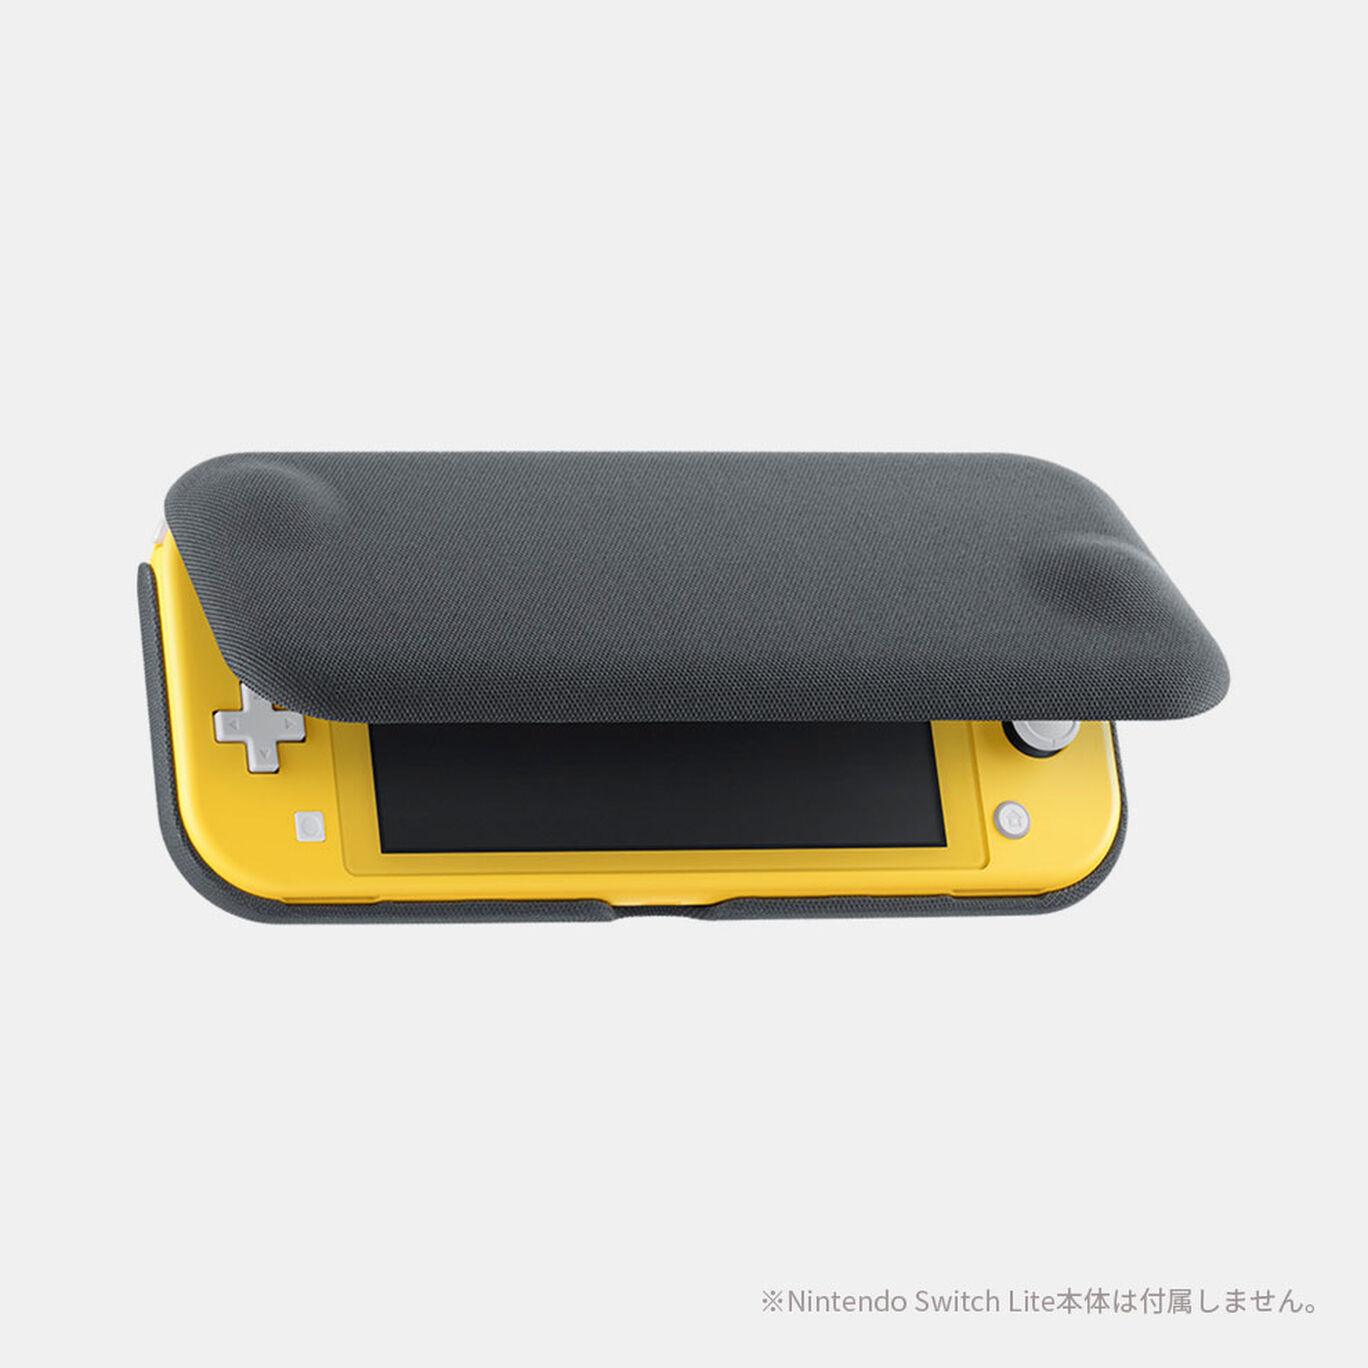 Nintendo Switch Liteフリップカバー(画面保護シート付き)